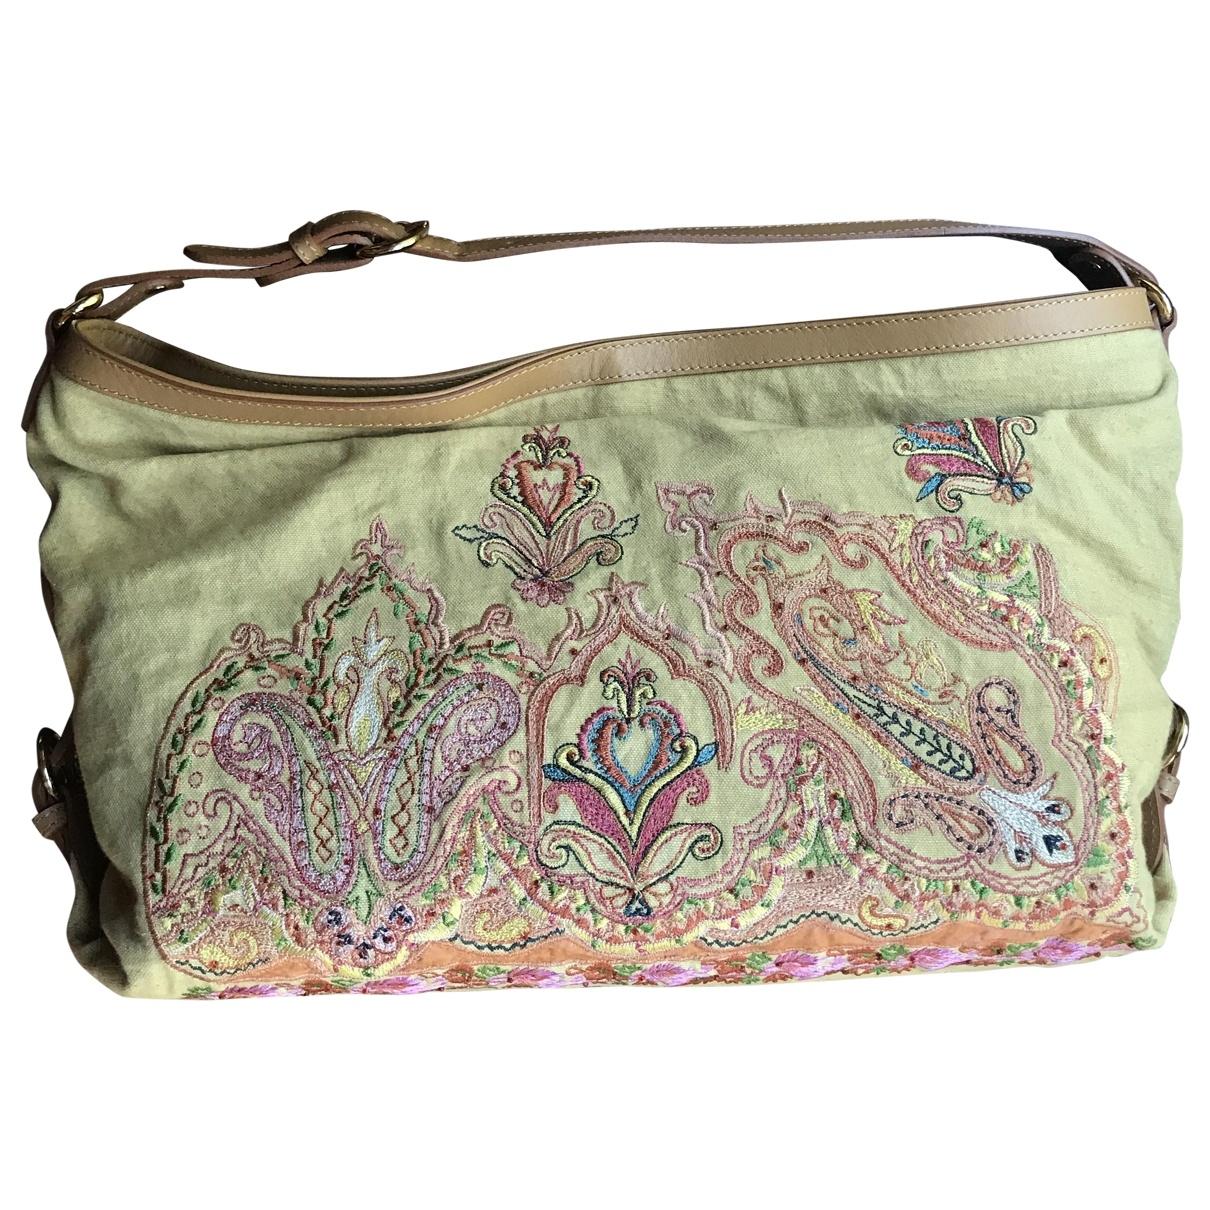 Etro \N Handtasche in  Beige Leder